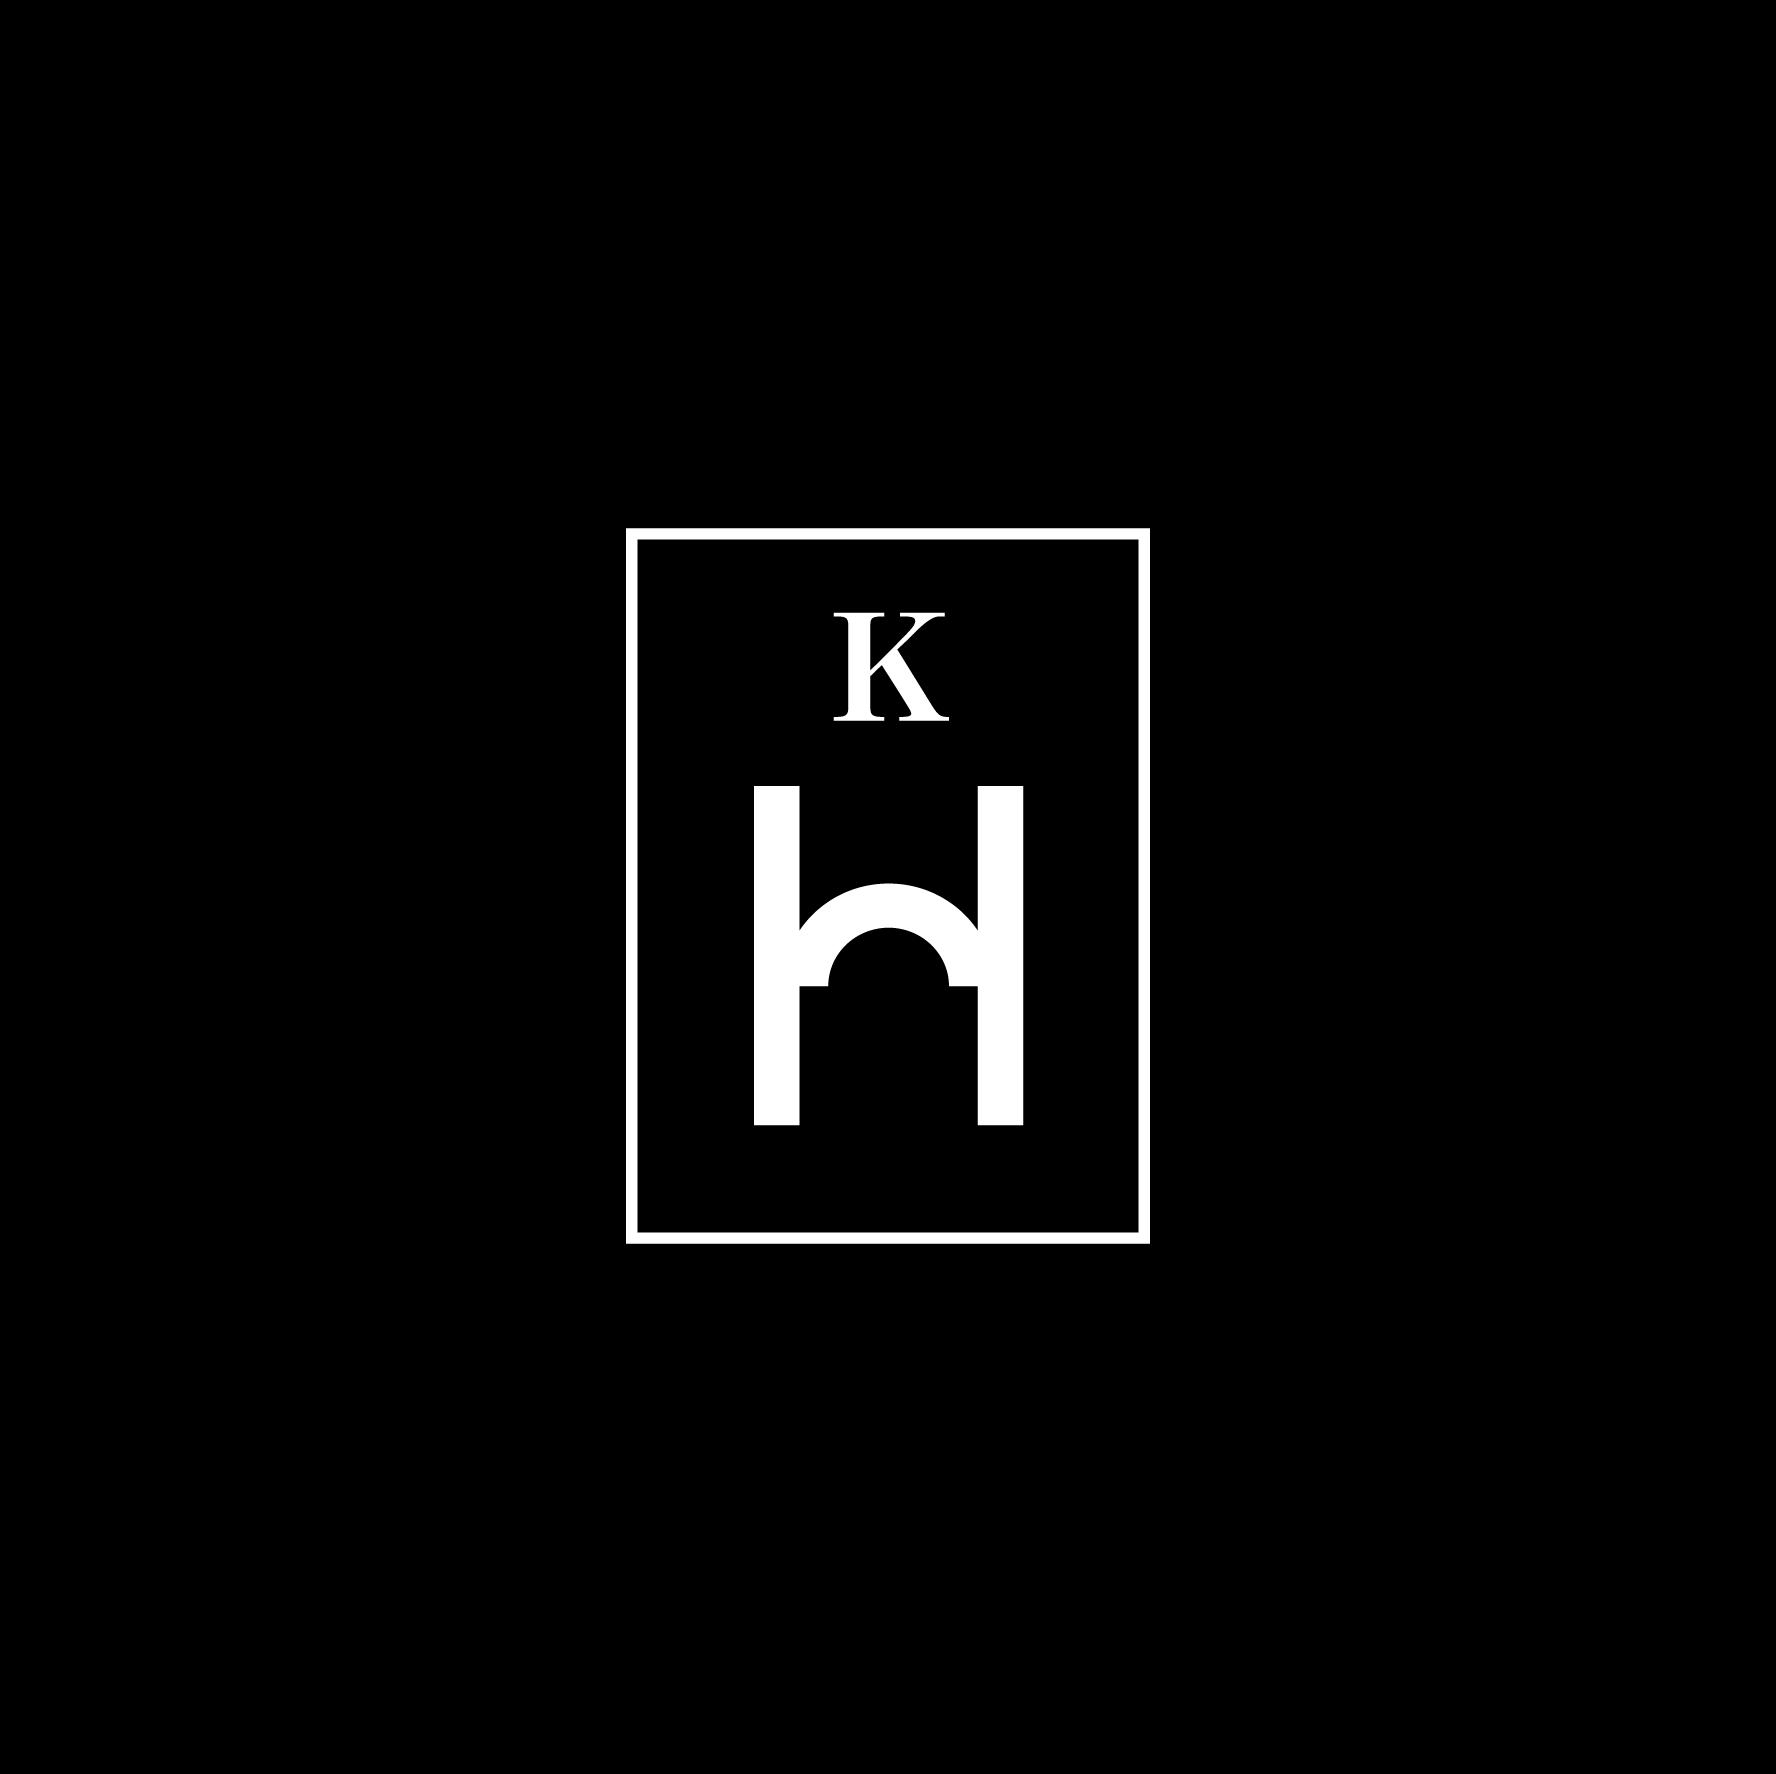 logo for katarina hamam